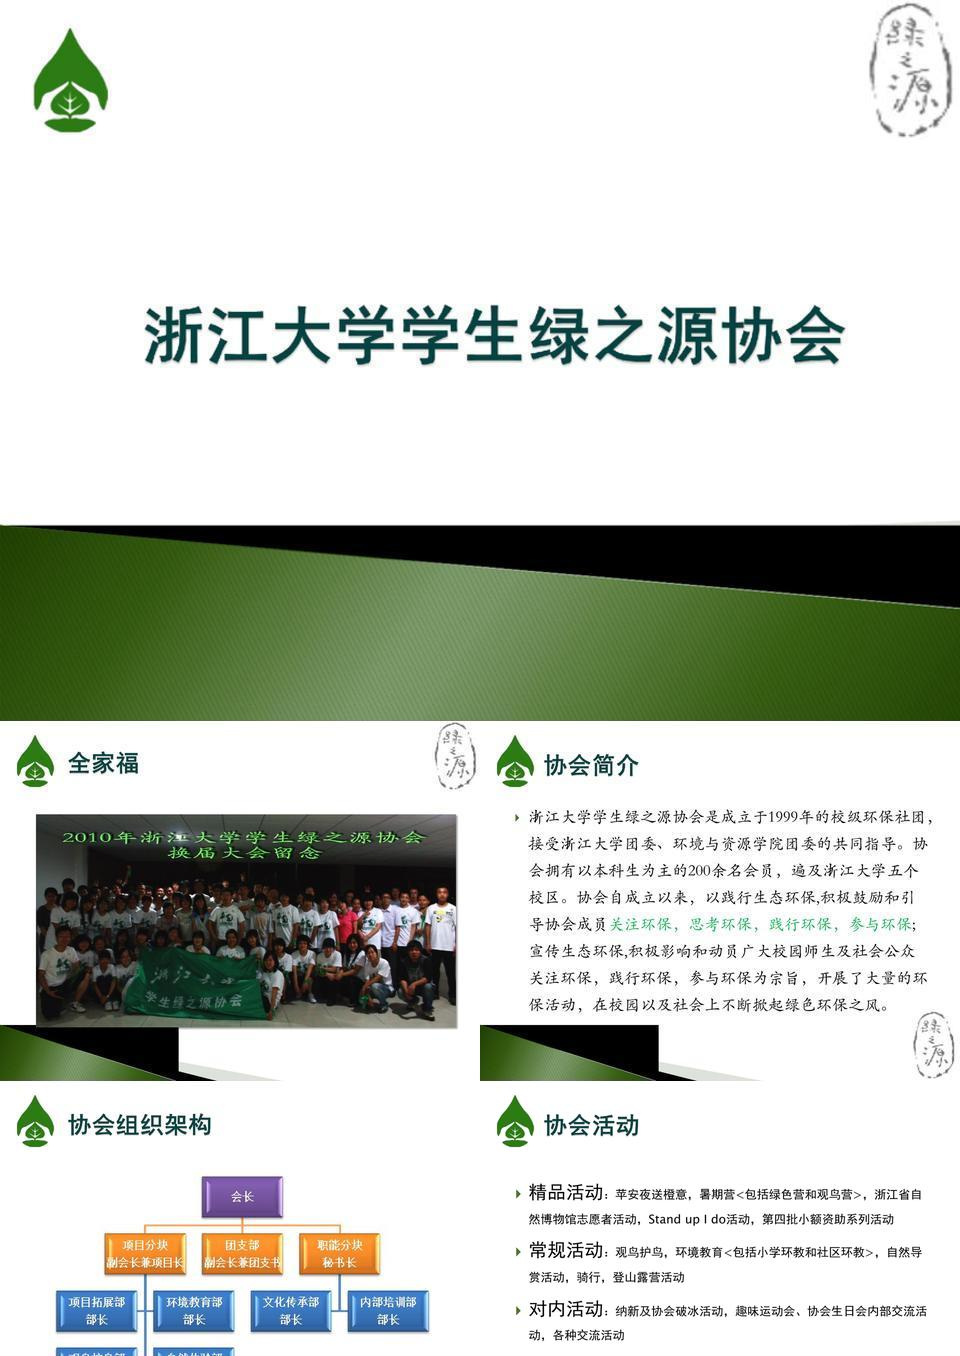 2010年绿之源交流ppt.ppt